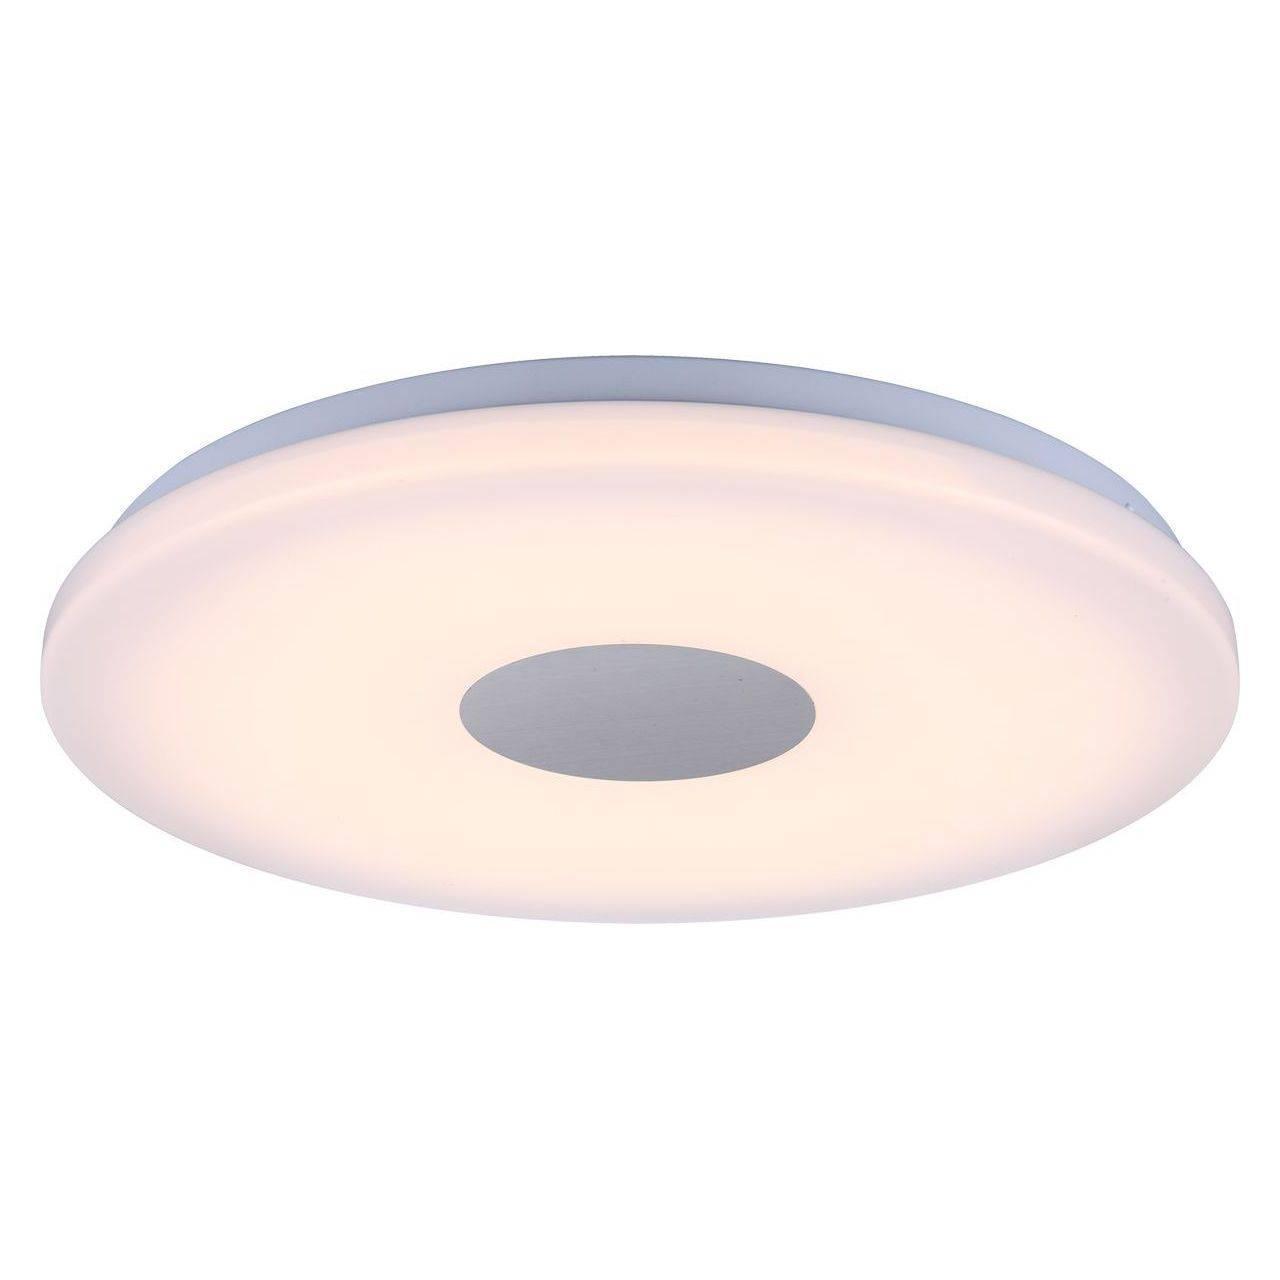 Потолочный светодиодный светильник Globo Augustus 41330 потолочный светодиодный светильник globo wave 67823w